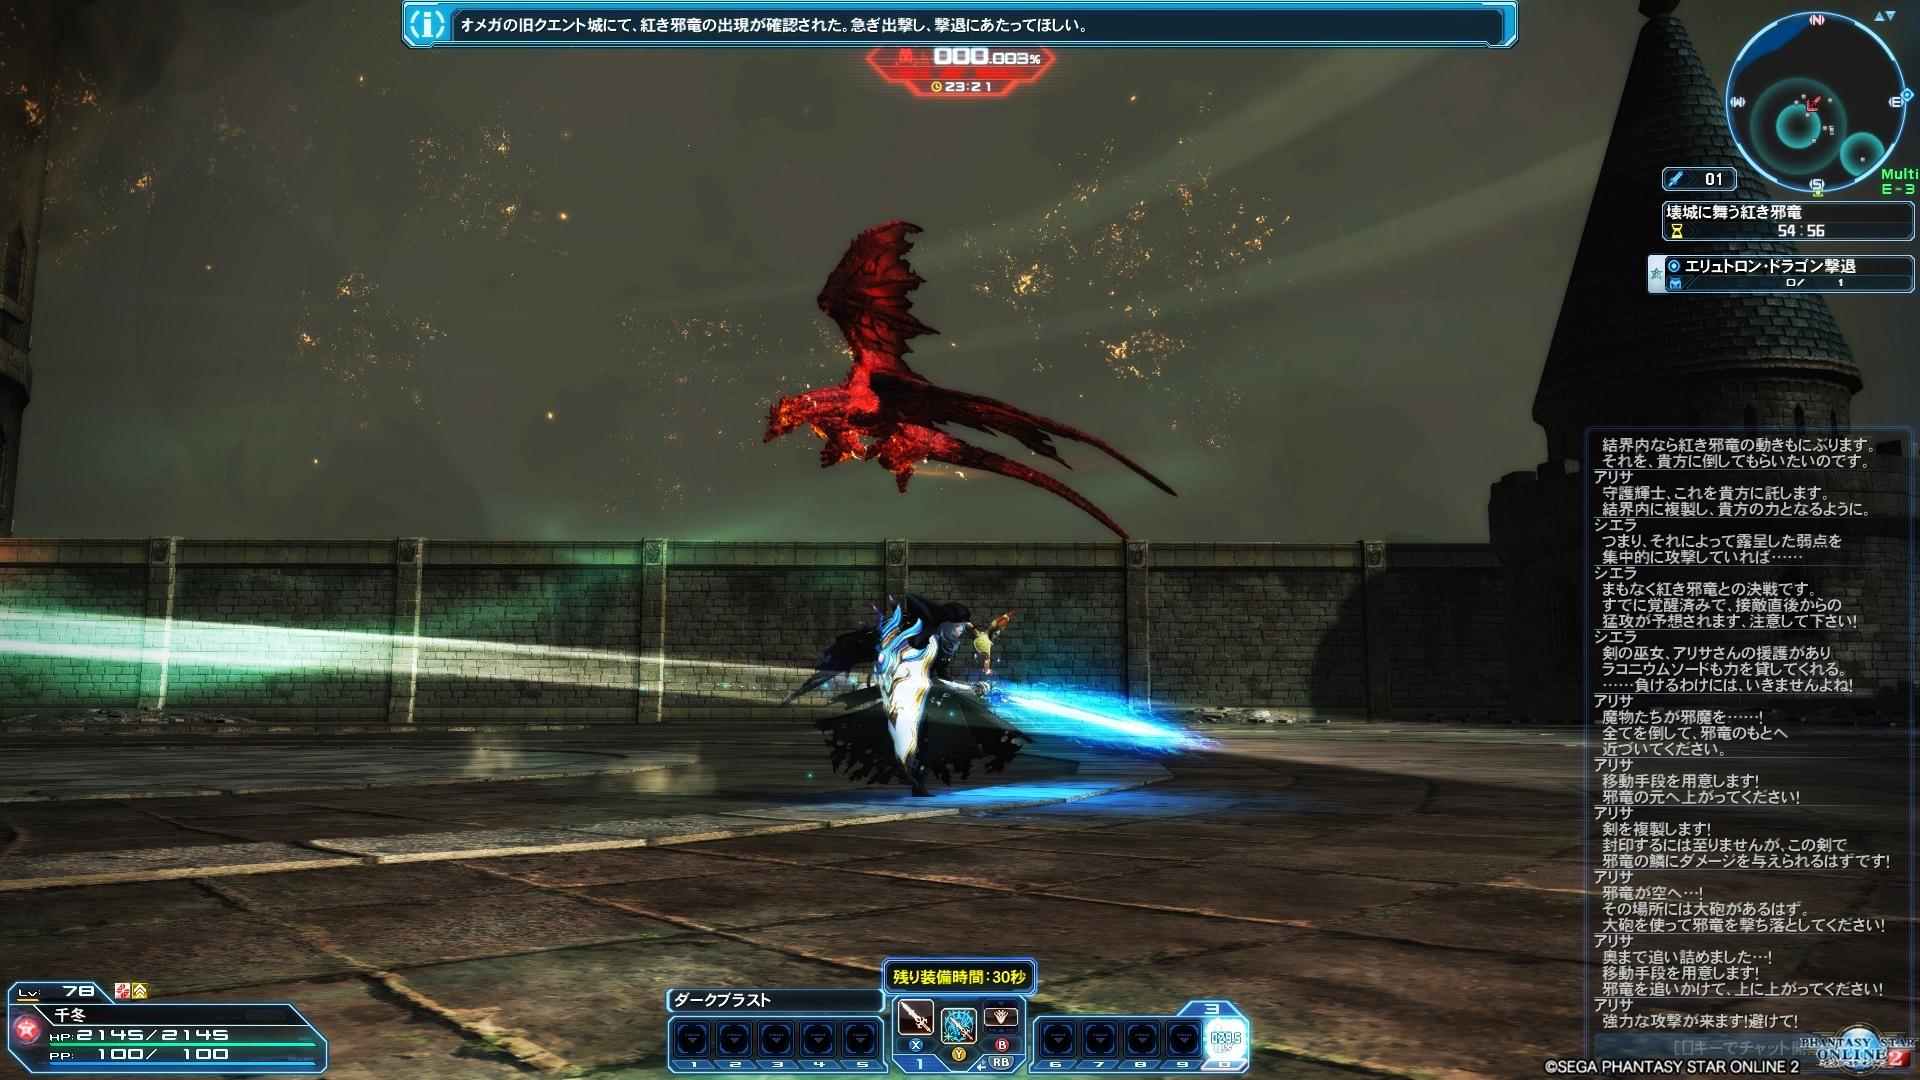 [PSO2]赤い空飛ぶ爬虫類2